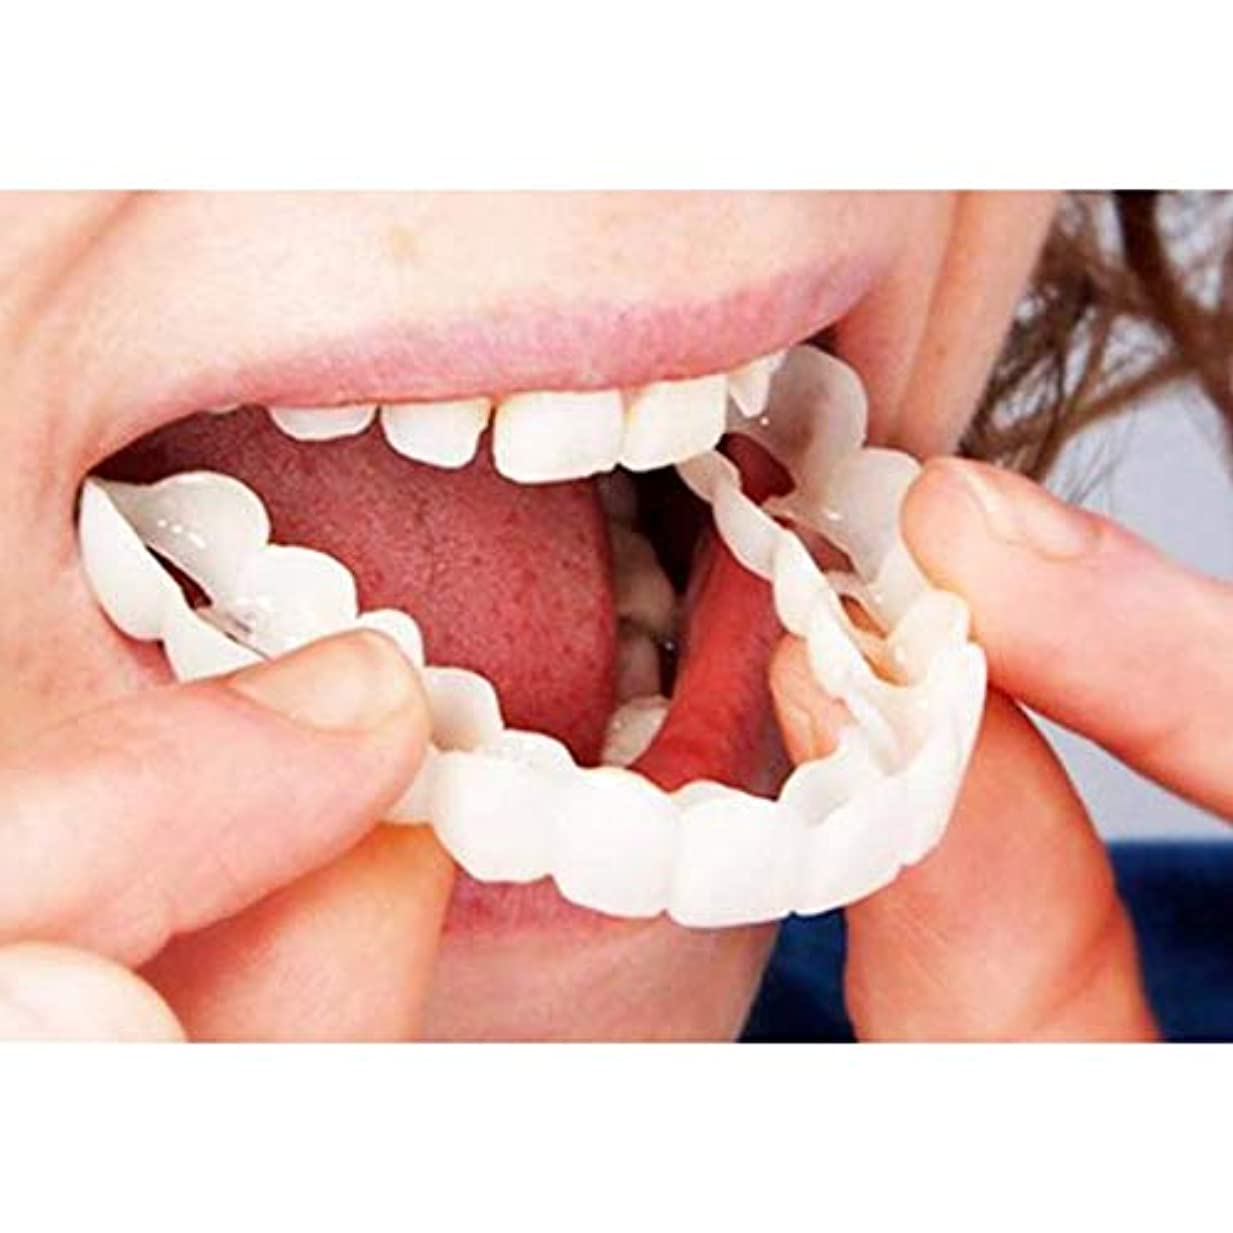 支店書き出すエスカレート化粧品の歯、5個スナップインスタントスマイルアッパーベニアコンフォートフィットフレックス化粧品の歯ワンサイズフィット最も快適な義歯